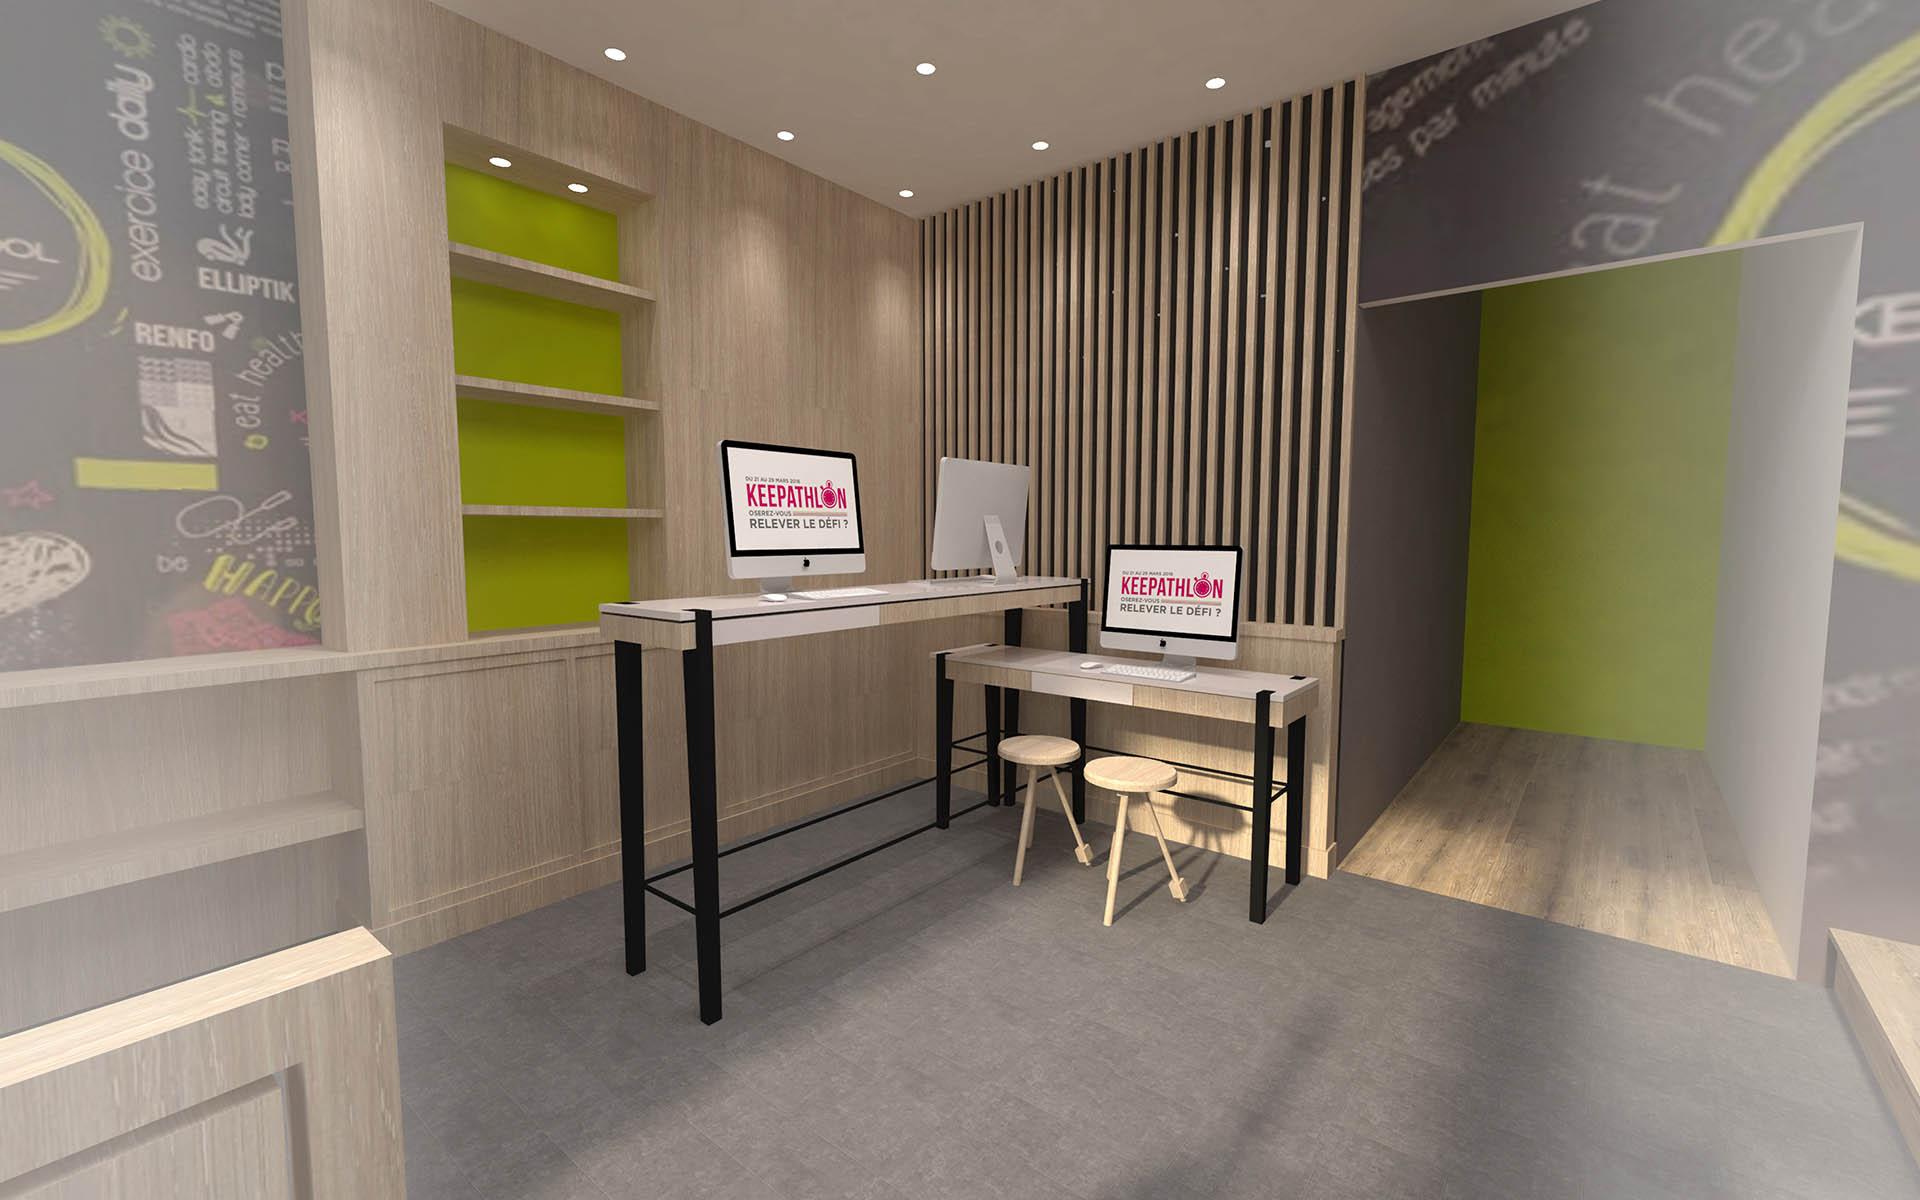 L architecte intérieur salle de sport keepcool (2)